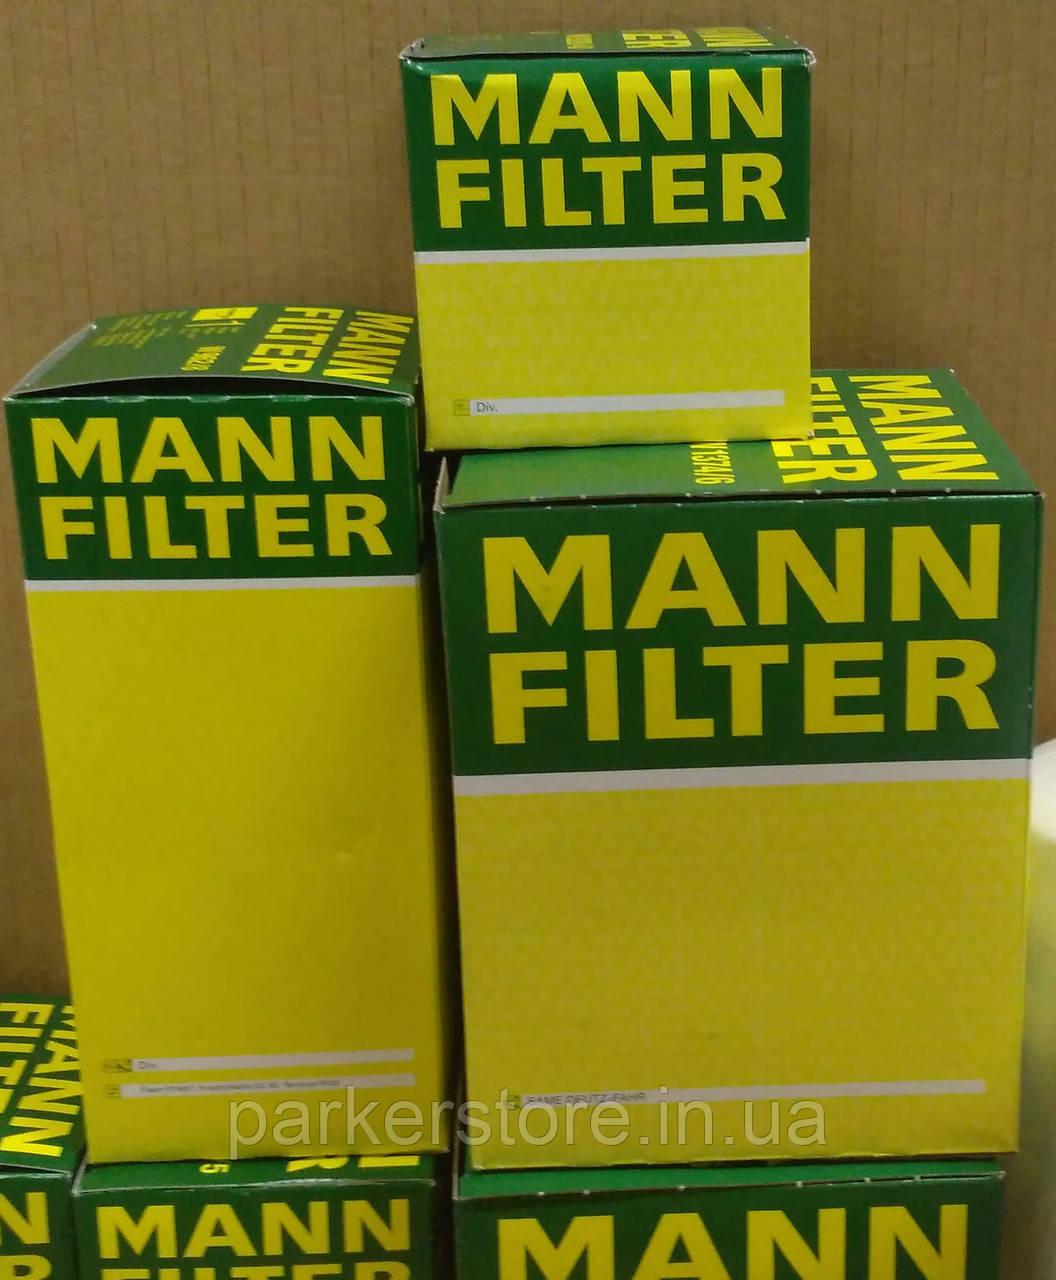 MANN FILTER / Повітряний фільтр / C 31 126 / C31126